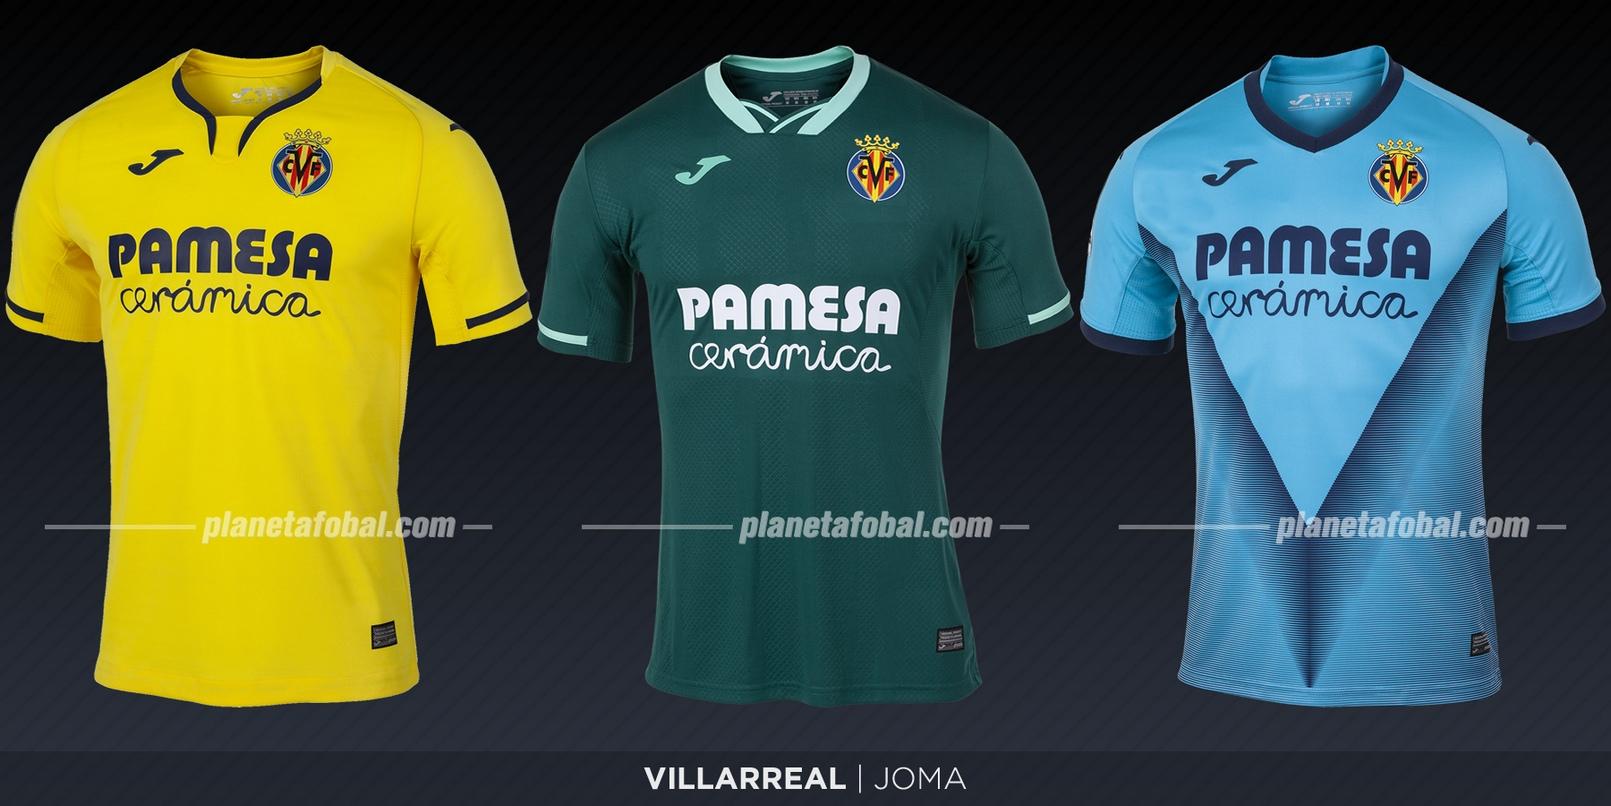 Villarreal (Joma) | Camisetas de LaLiga 2019-2020